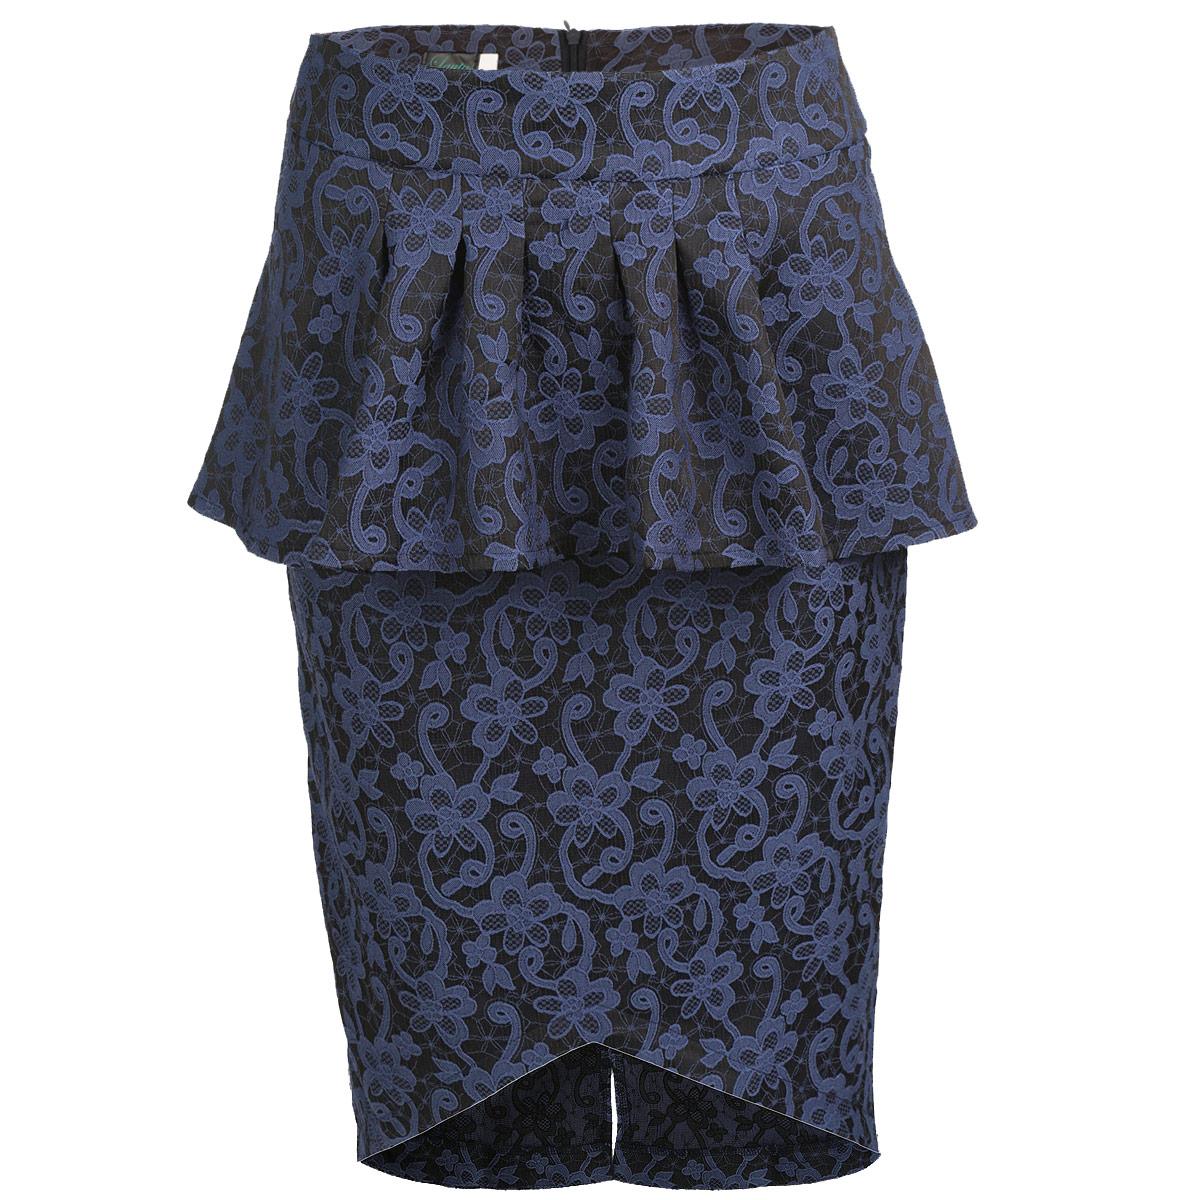 Юбкаю0159Стильная юбка Lautus изготовлена из плотного эластичного материала с фактурным цветочным узором. Юбка длины миди подчеркнет все достоинства вашей фигуры. Модель на широком пришивном поясе оформлена элегантной баской и имеет асимметричный подол. Сзади юбка застегивается на потайную молнию и дополнена небольшим разрезом. Эта модная юбка - отличный вариант как на каждый день, так и на торжественное мероприятие. Она займет достойное место в вашем гардеробе и подчеркнет ваш безупречный вкус.